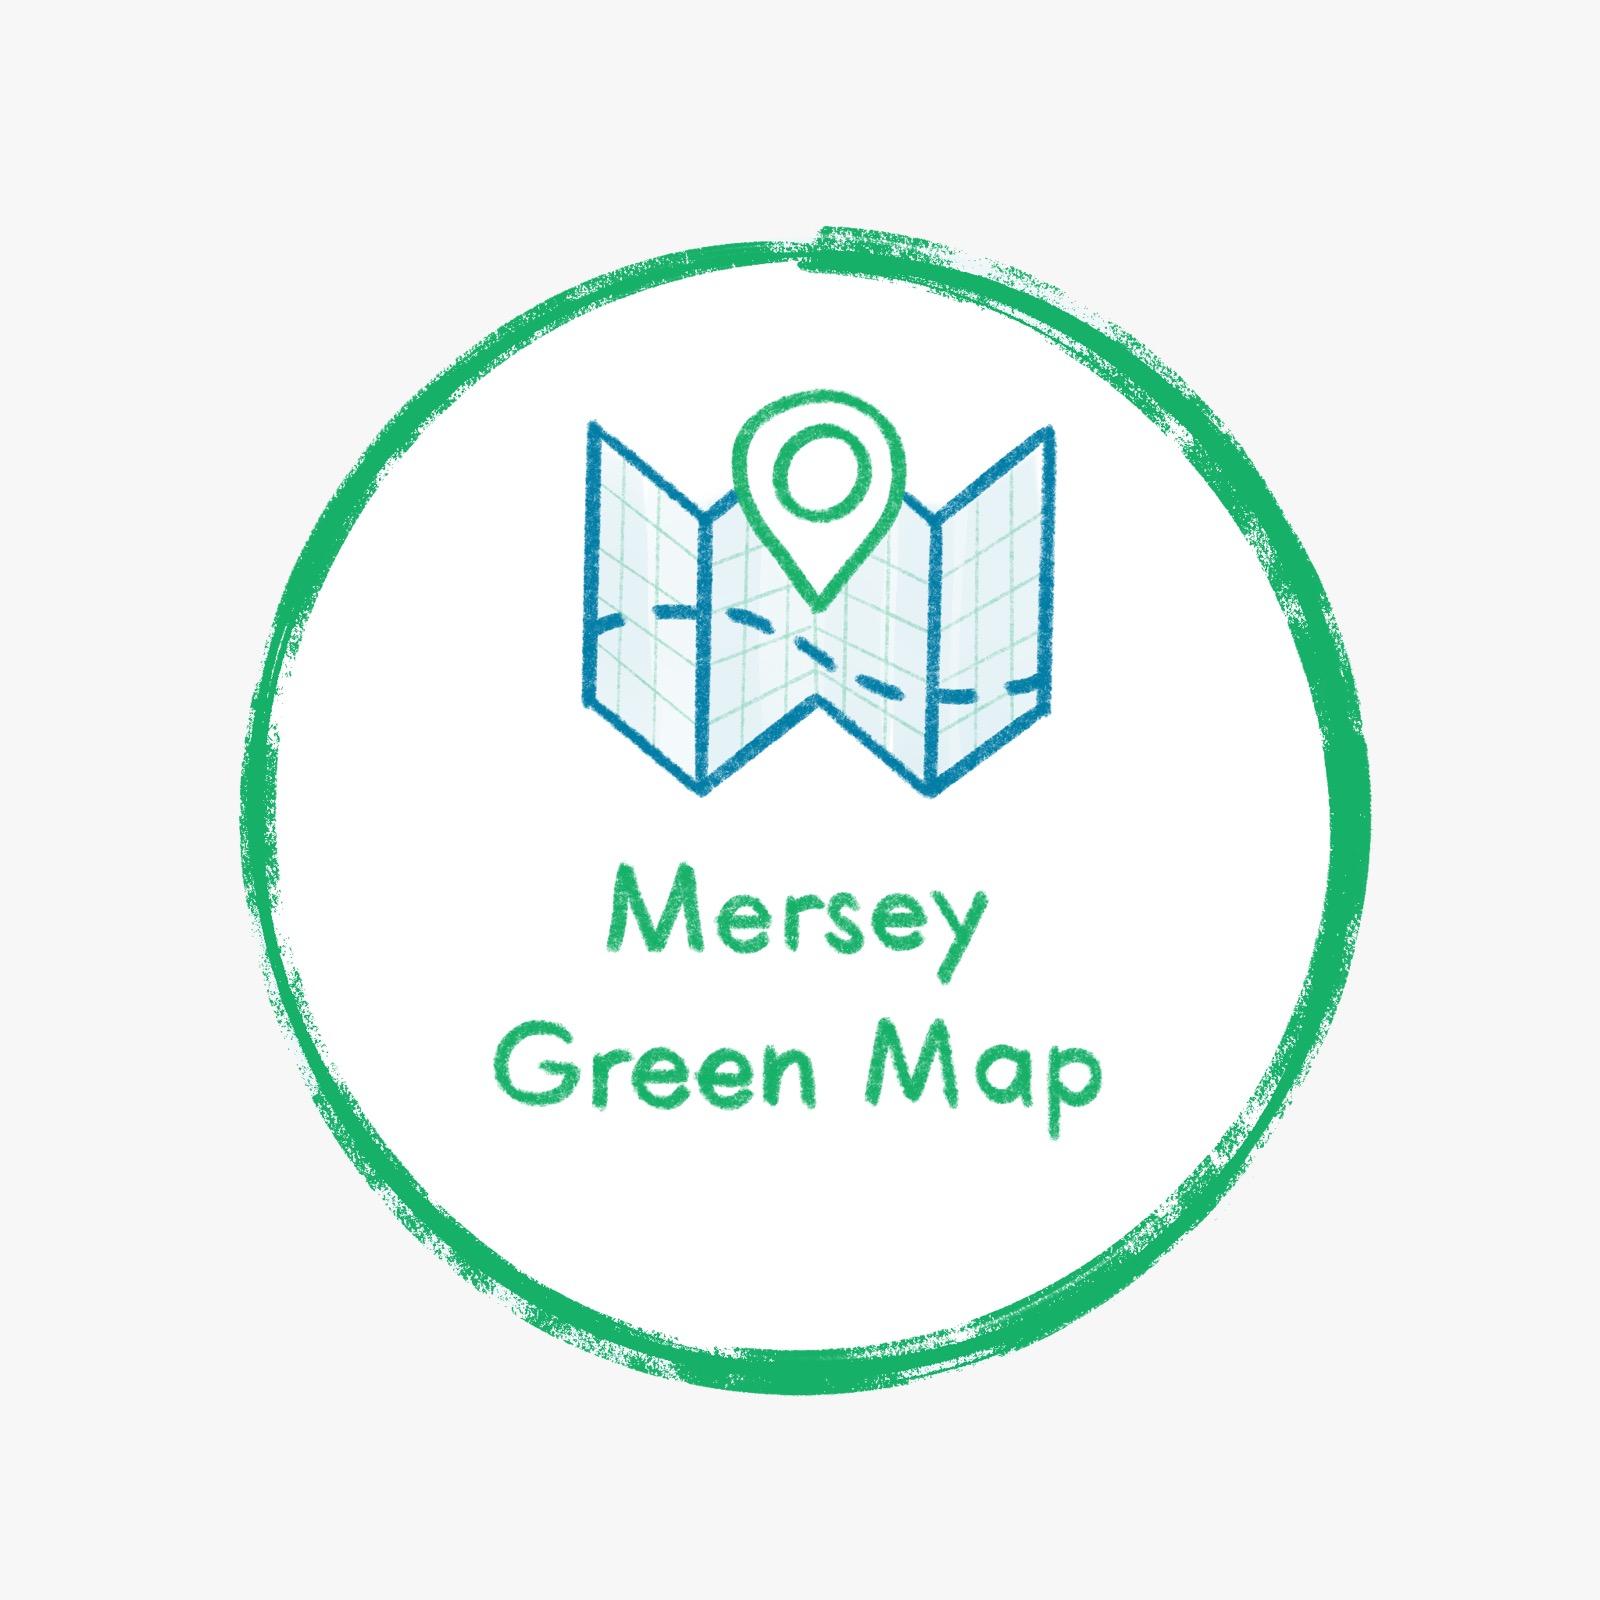 Mersey Green Map